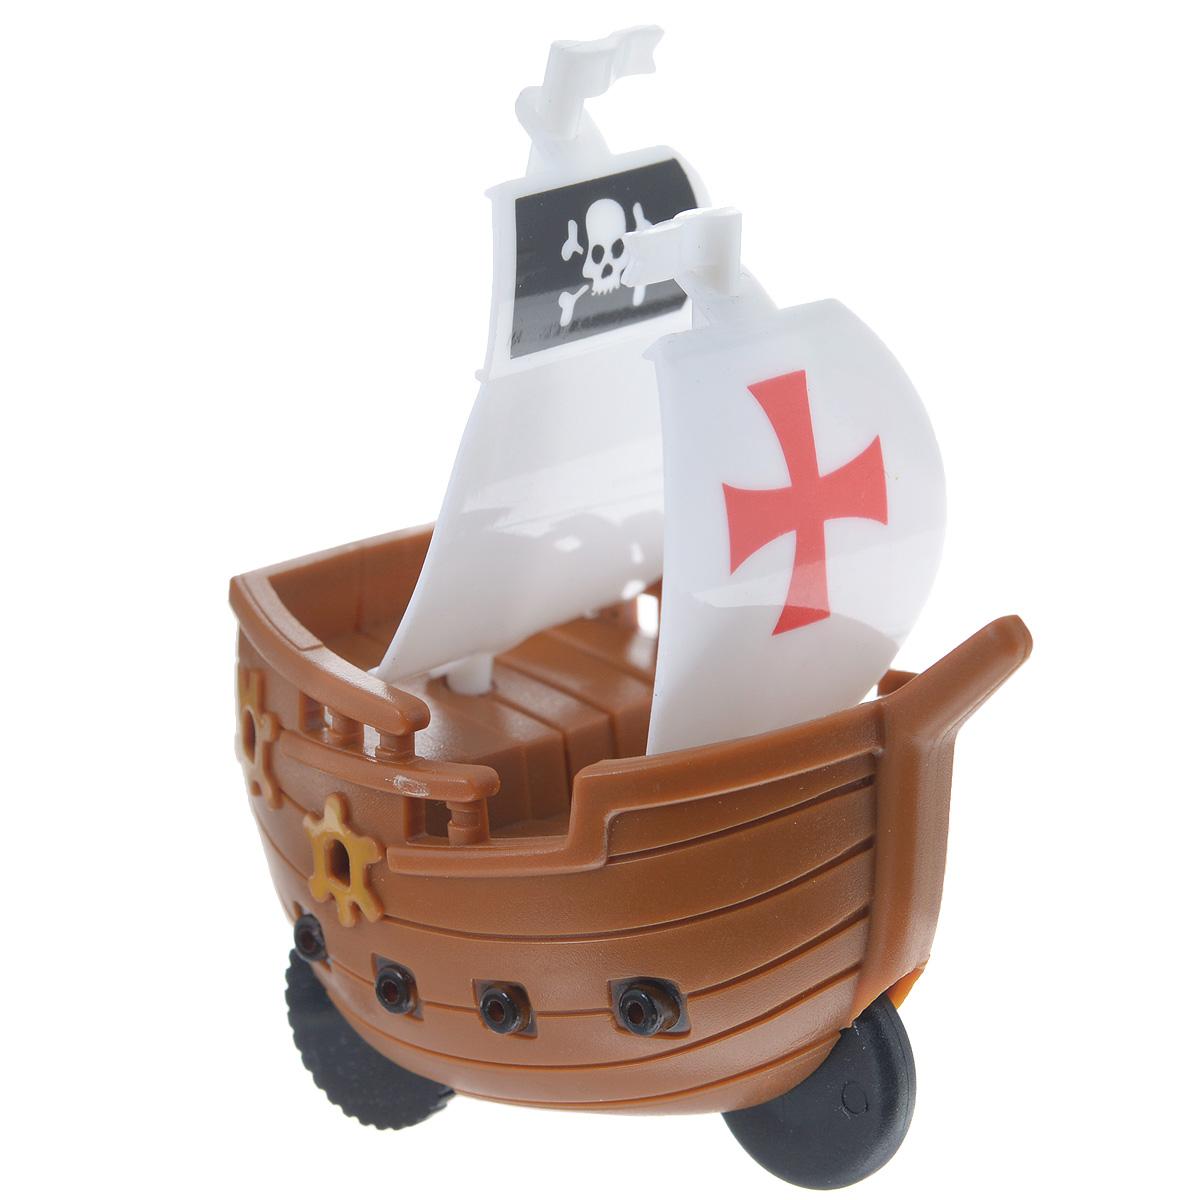 Игрушка заводная Корабль. Флаг с крестом, цвет: коричневый2K-P1XBDфлагИгрушка Hans Корабль. Флаг с крестом привлечет внимание вашего малыша и не позволит ему скучать! Выполненная из безопасного пластика, игрушка представляет собой пиратский корабль. Игрушка имеет механический завод. Для запуска, придерживая колеса, поверните заводной ключ по часовой стрелке до упора. Установите игрушку на поверхность и она поедет вперед. Игра с заводными игрушками способствует приятному времяпрепровождению, стимулирует ребенка к активным действиям, научит устанавливать причинно-следственные связи. Мелкие детали и разнофактурные материалы благоприятствуют развитию тактильных ощущений и моторики пальчиков, а яркие цвета и забавные формы стимулируют зрение.